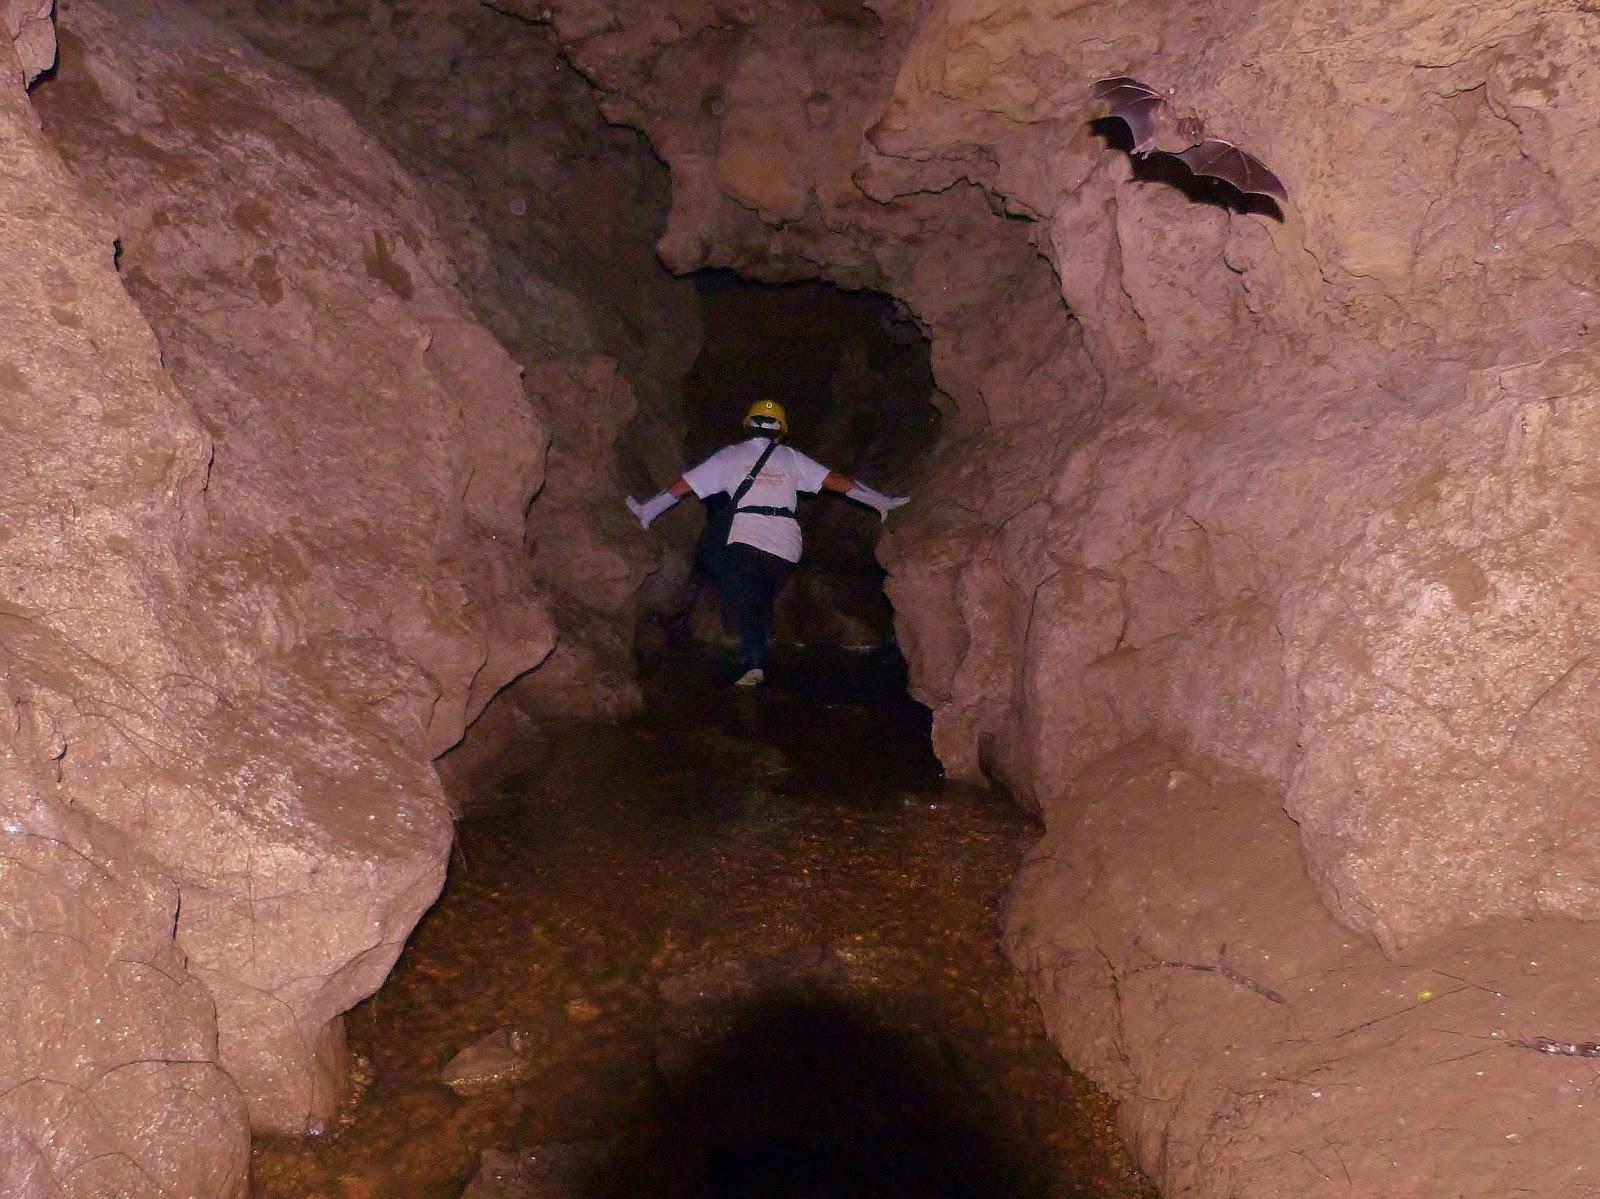 Cavernas de Licamancha